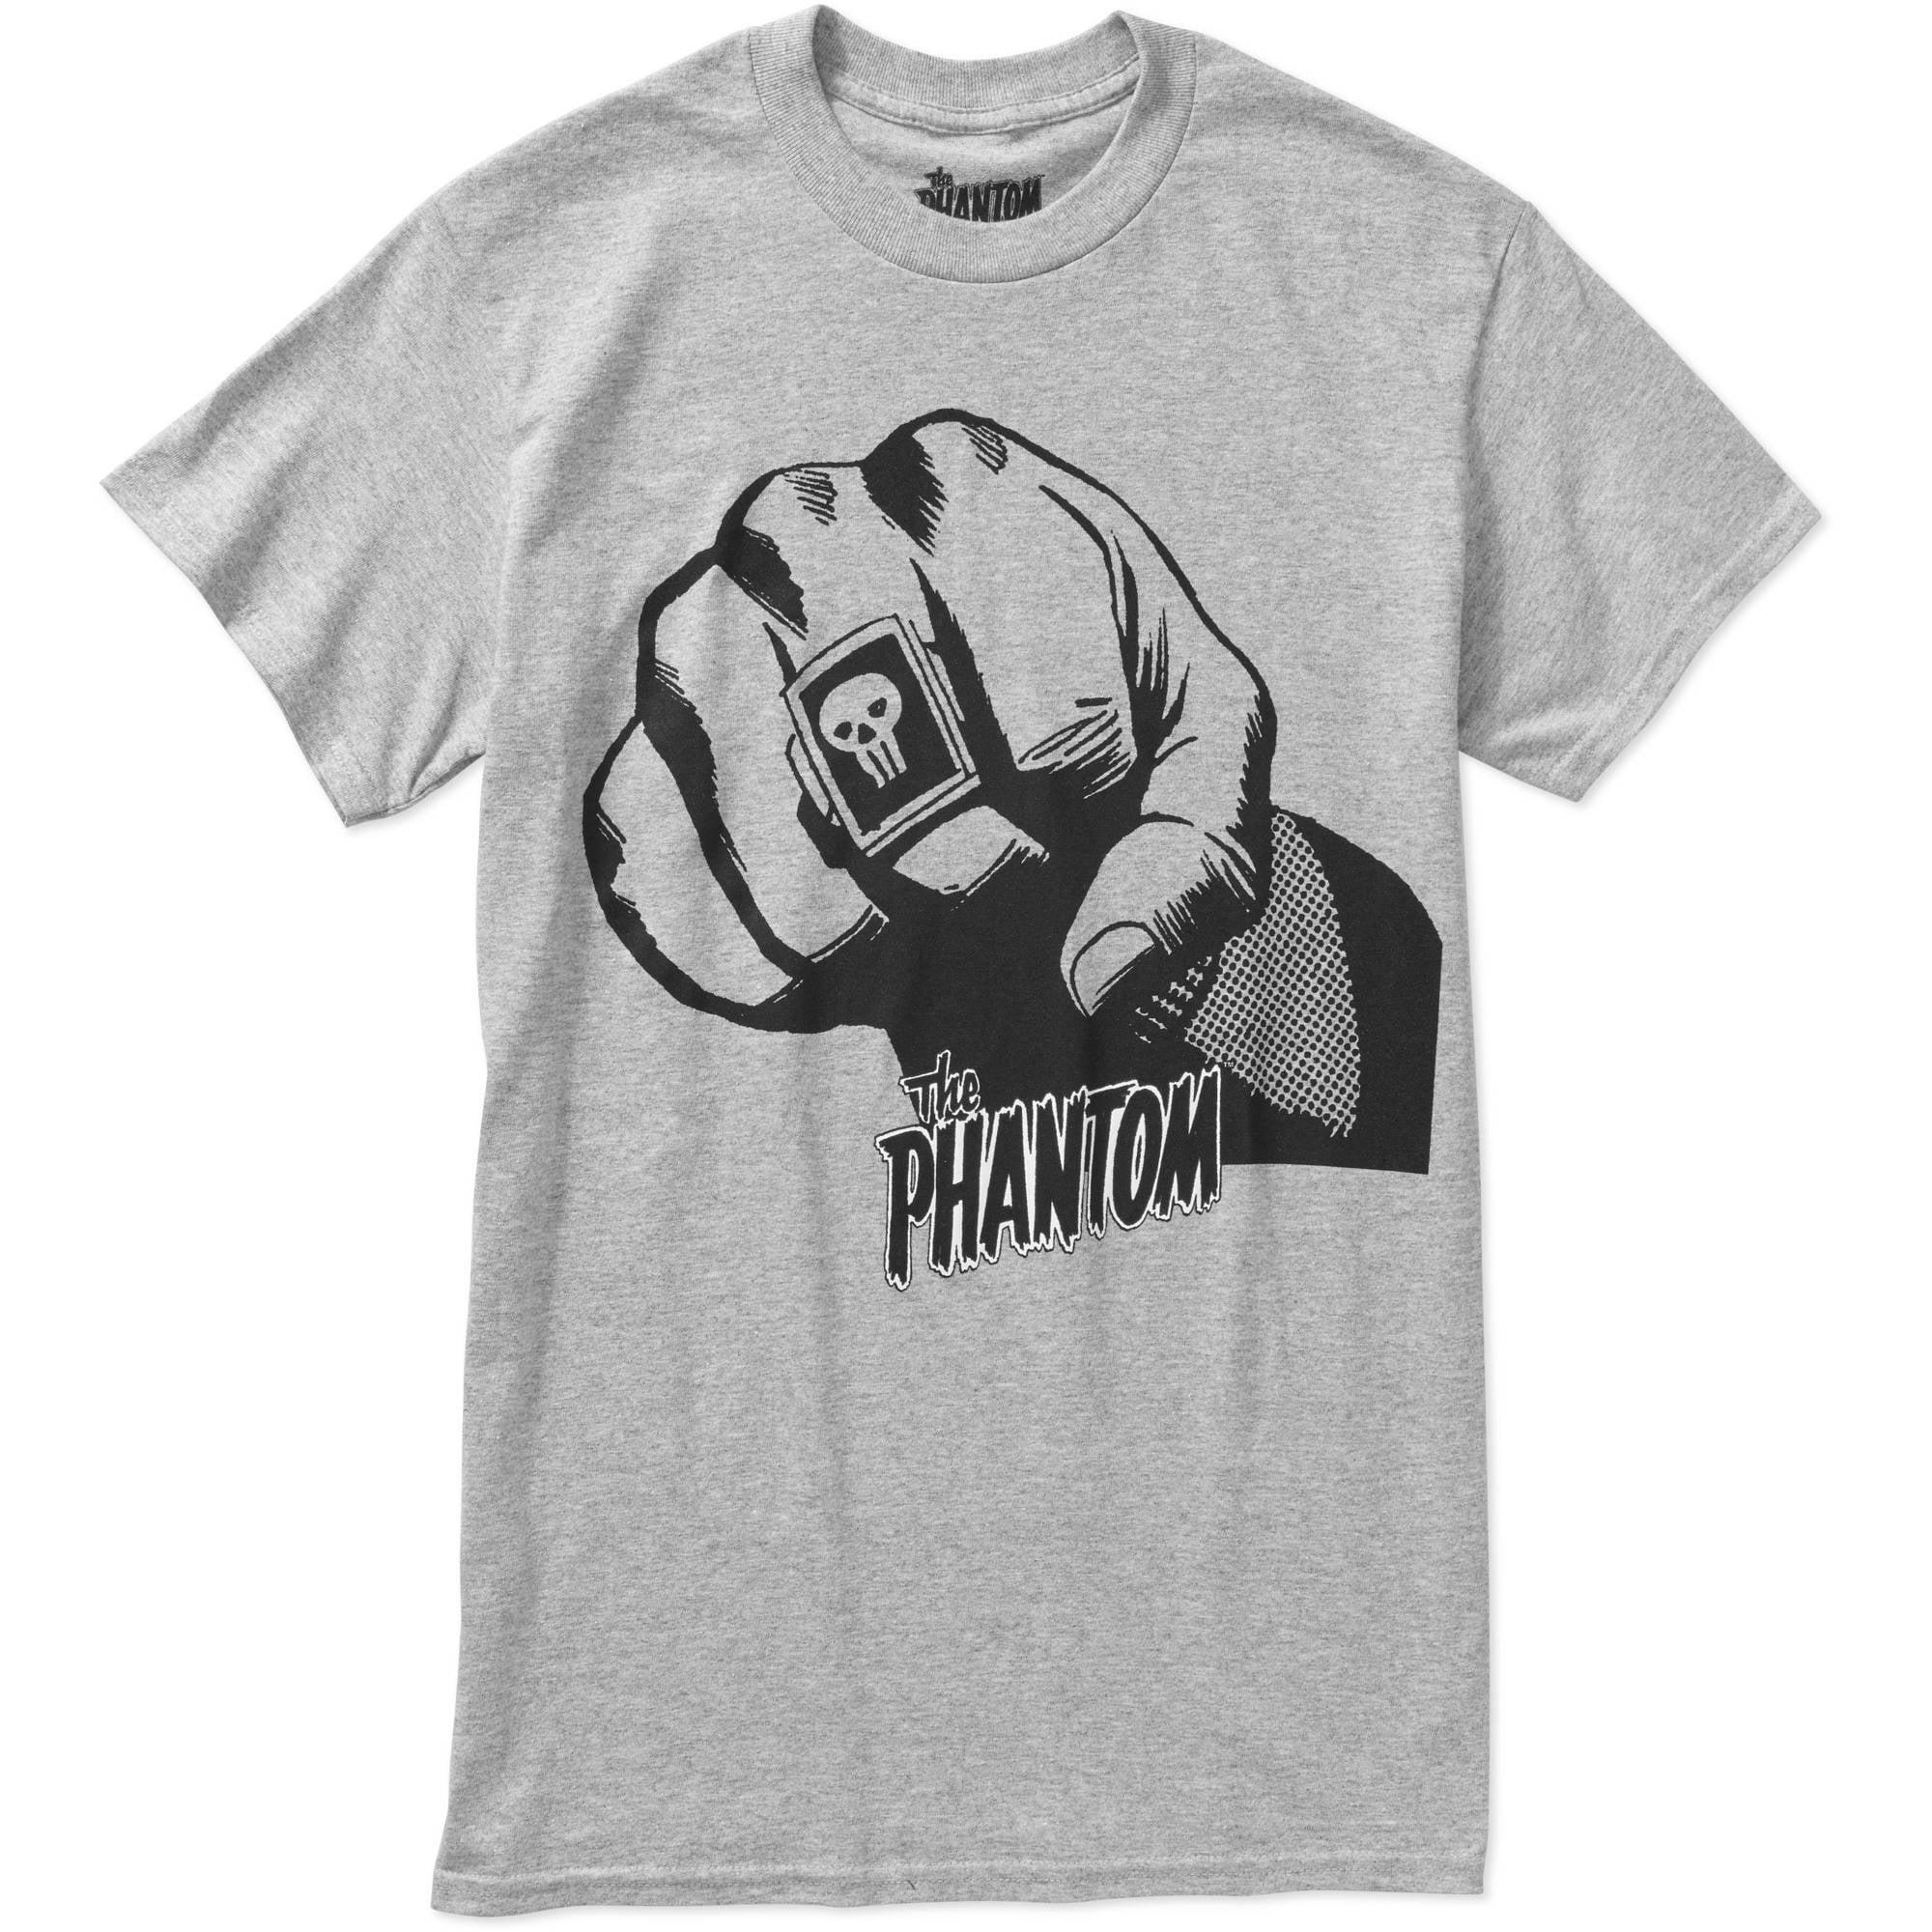 The Phantom Men's Graphic Tee